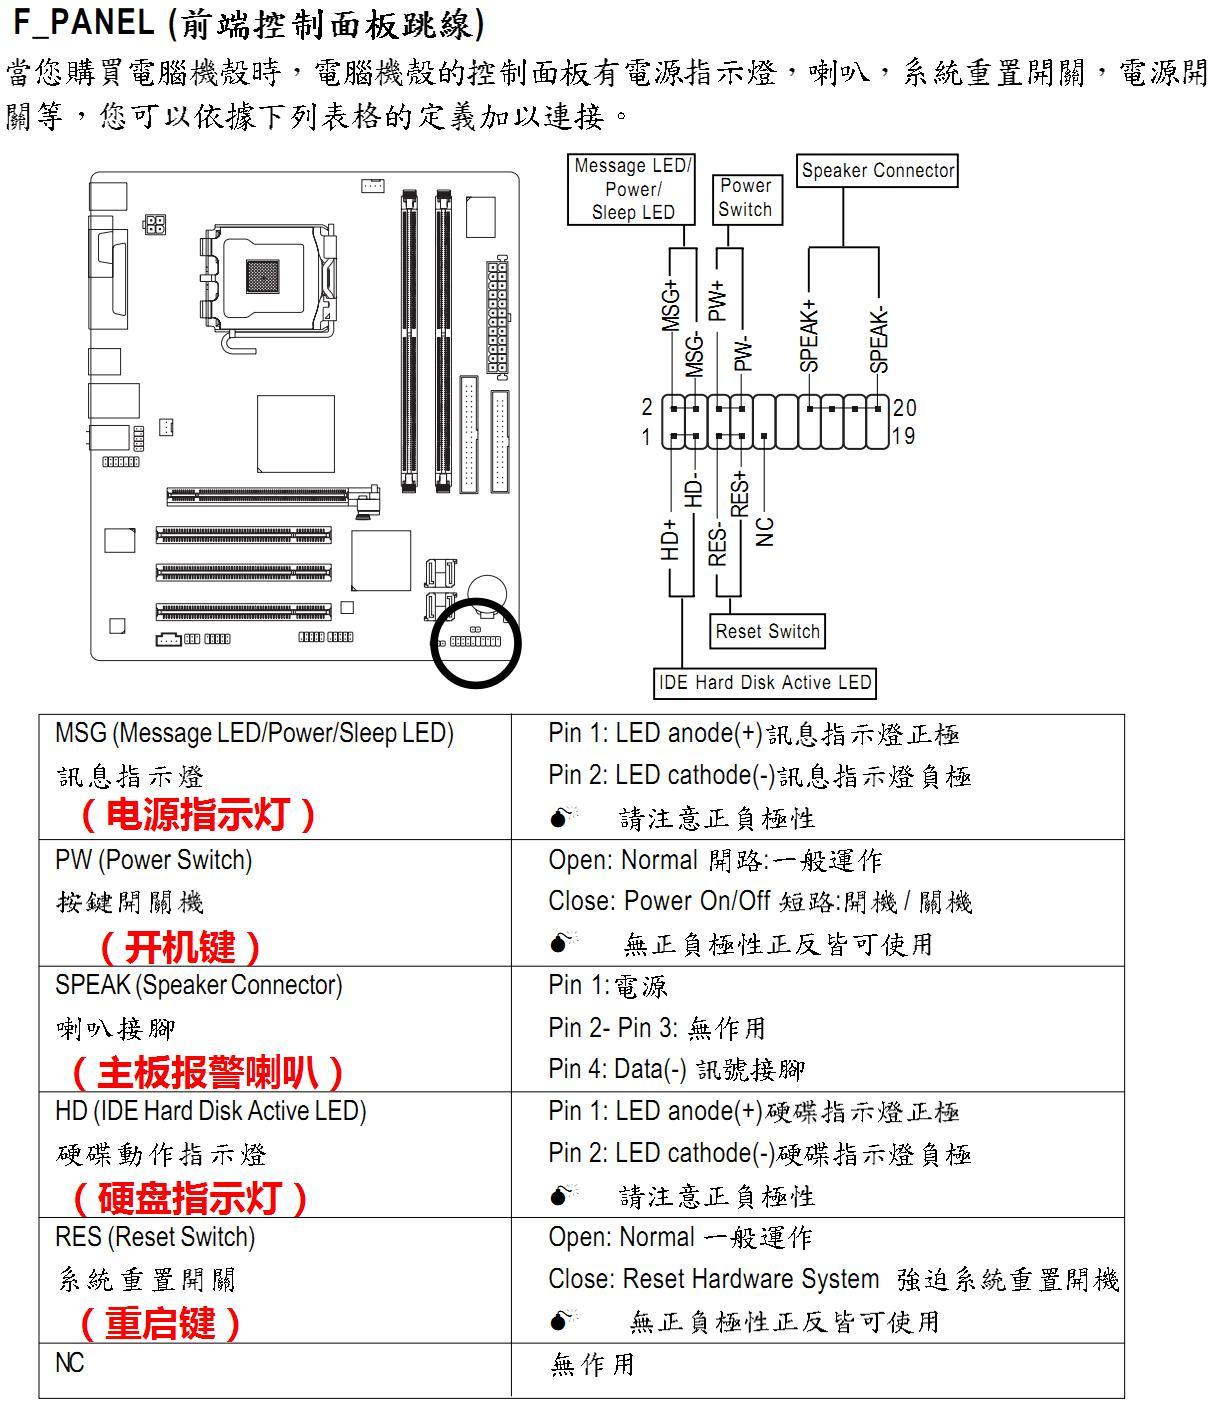 电源开关:power sw,复位/重启开关:reset sw,电源指示灯: /-,硬盘